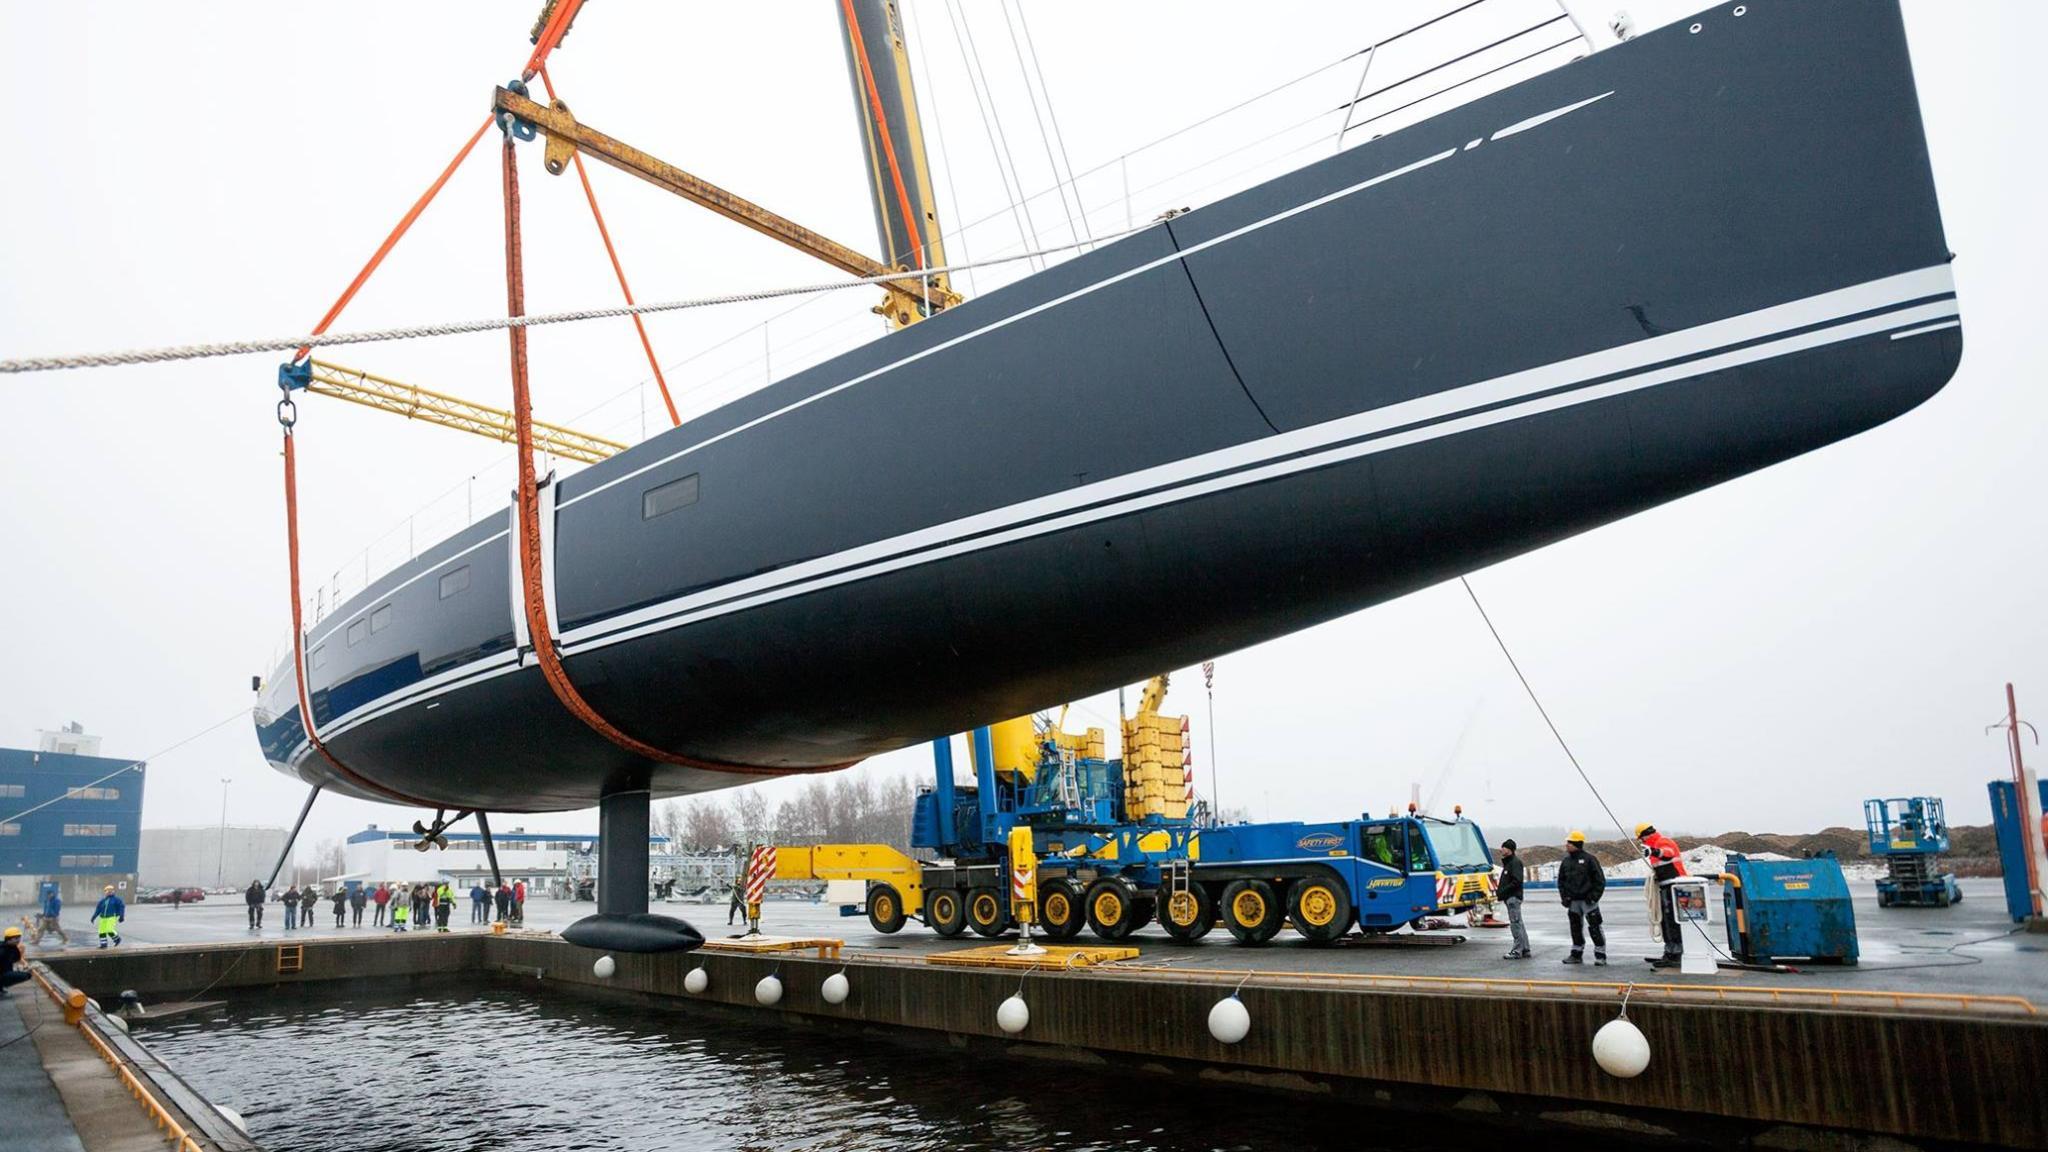 shamanna-motor-yacht-nautors-swan-115-fb-2016-35m-shipyard-hull